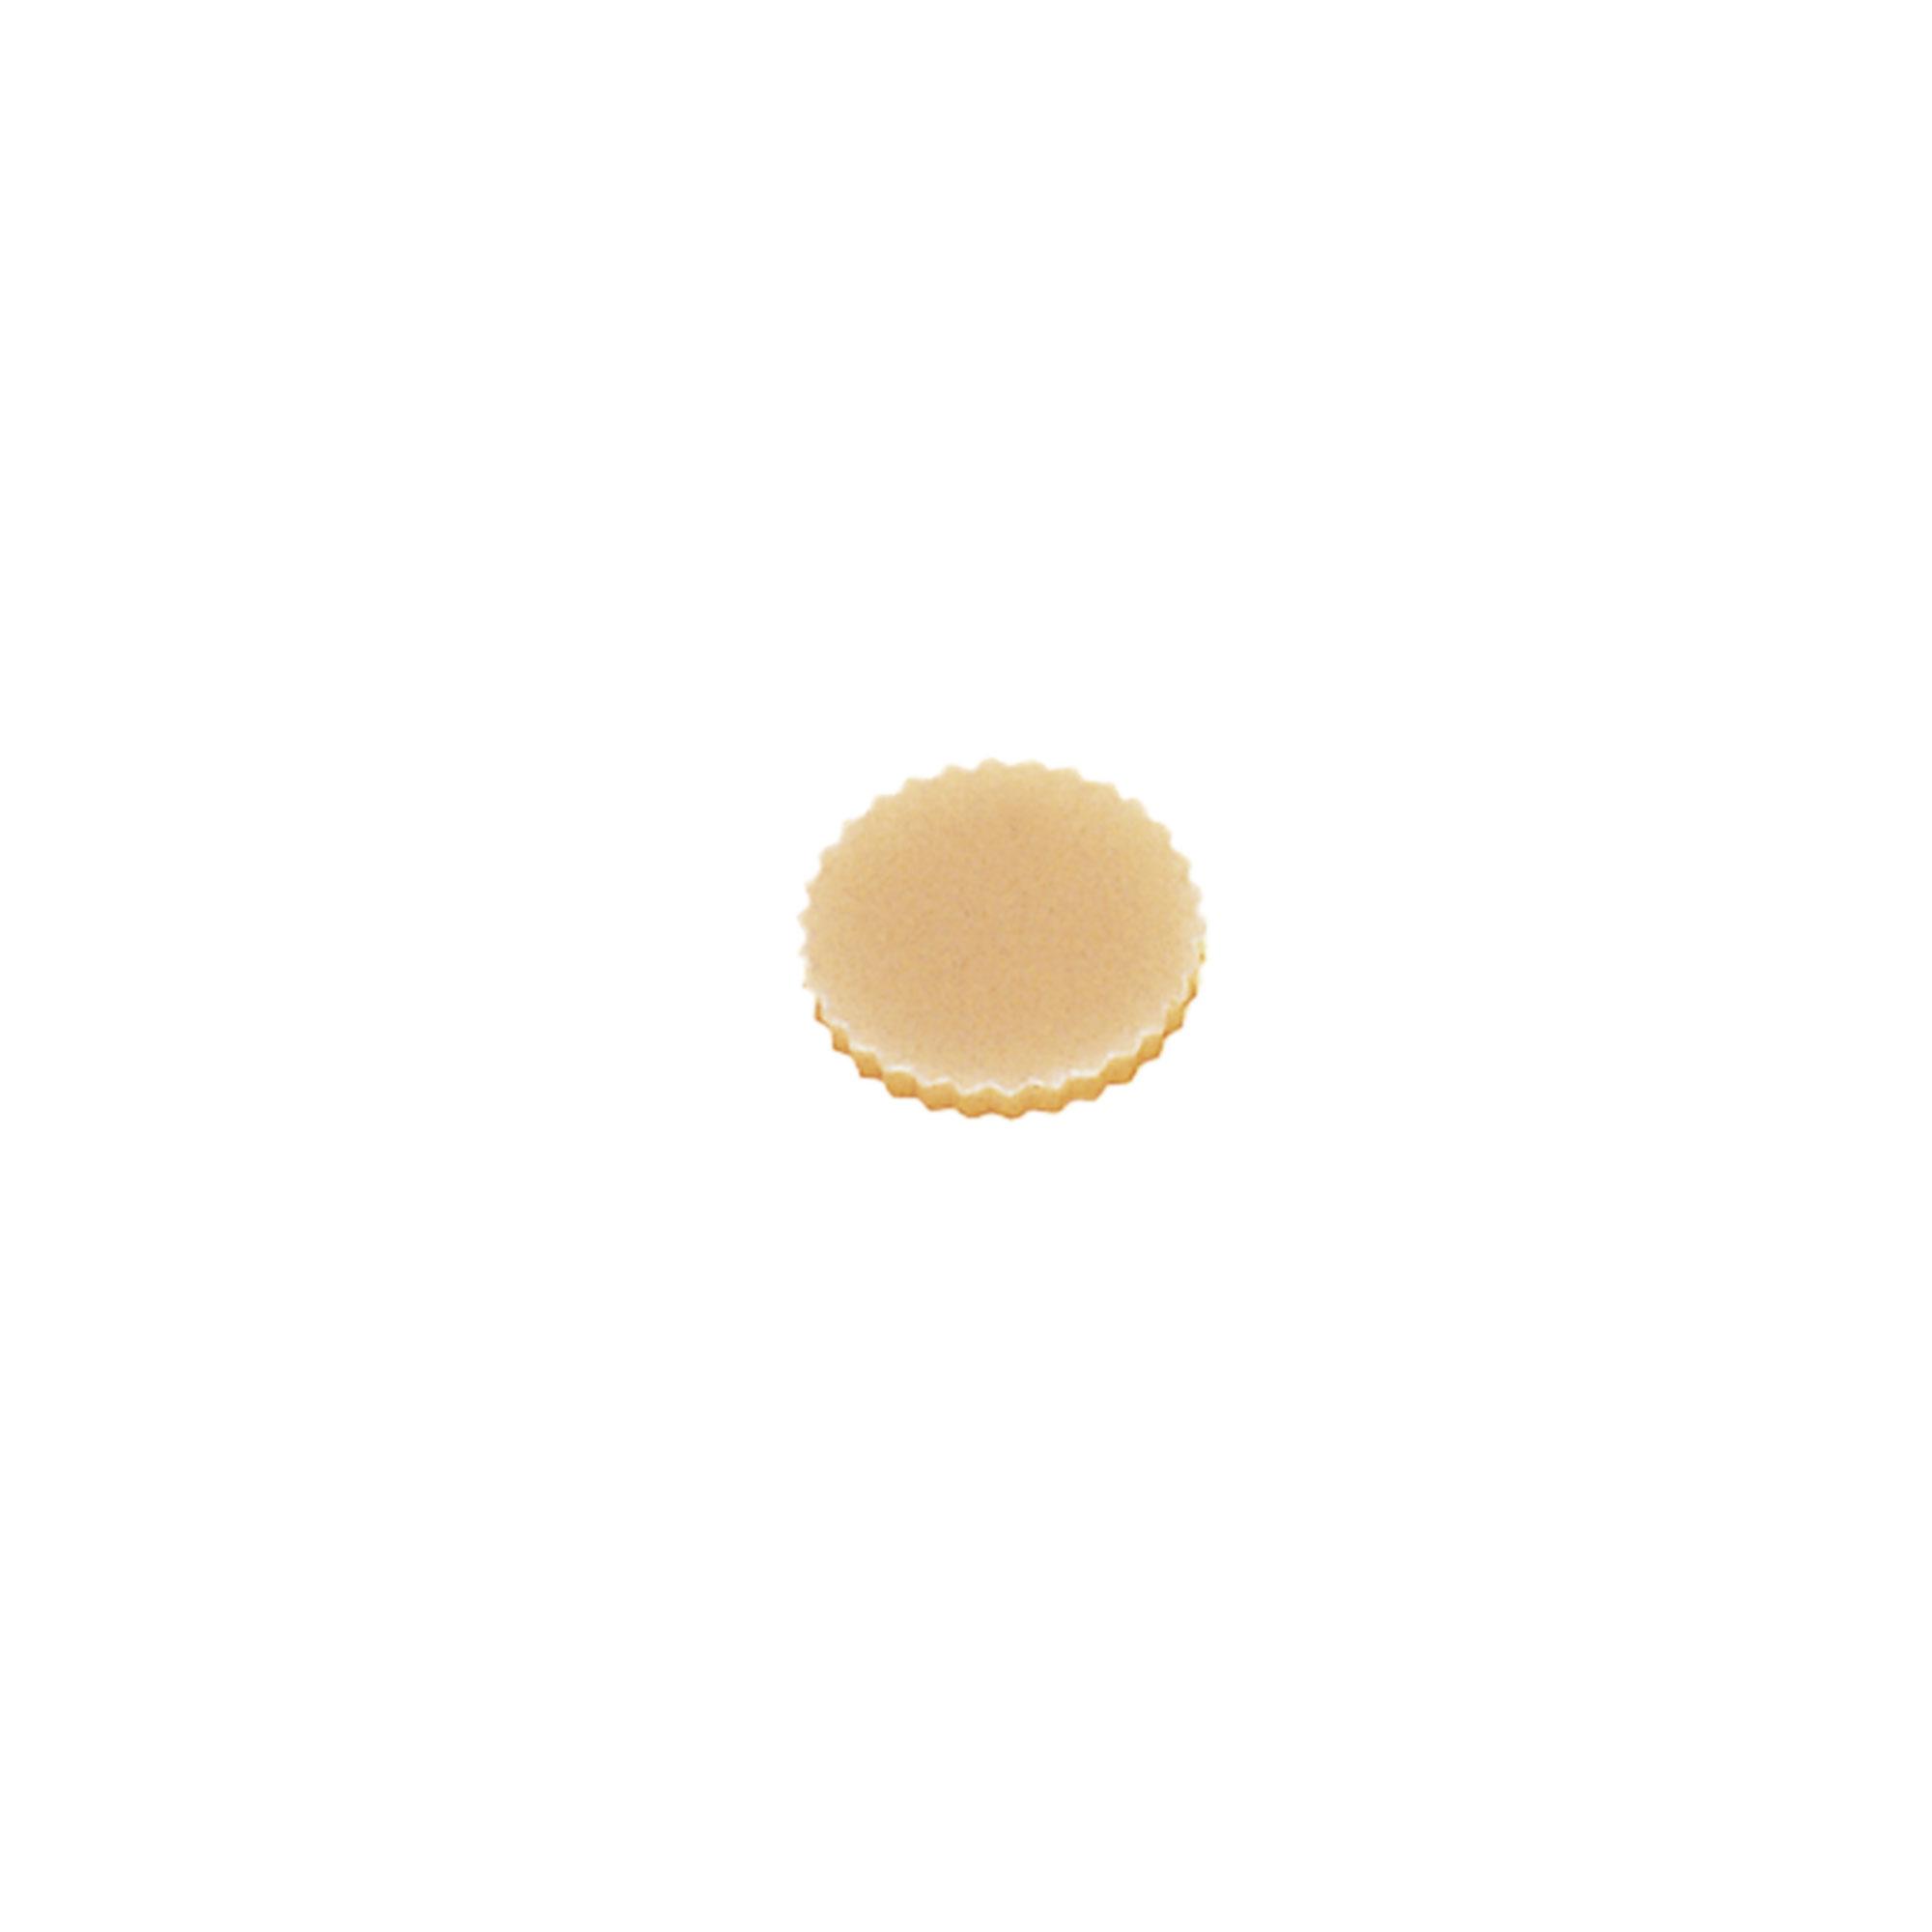 017200-2531A ねじ口びんパッキン 黒キャップ用 SI GL-25(10個) 柴田科学(SIBATA)